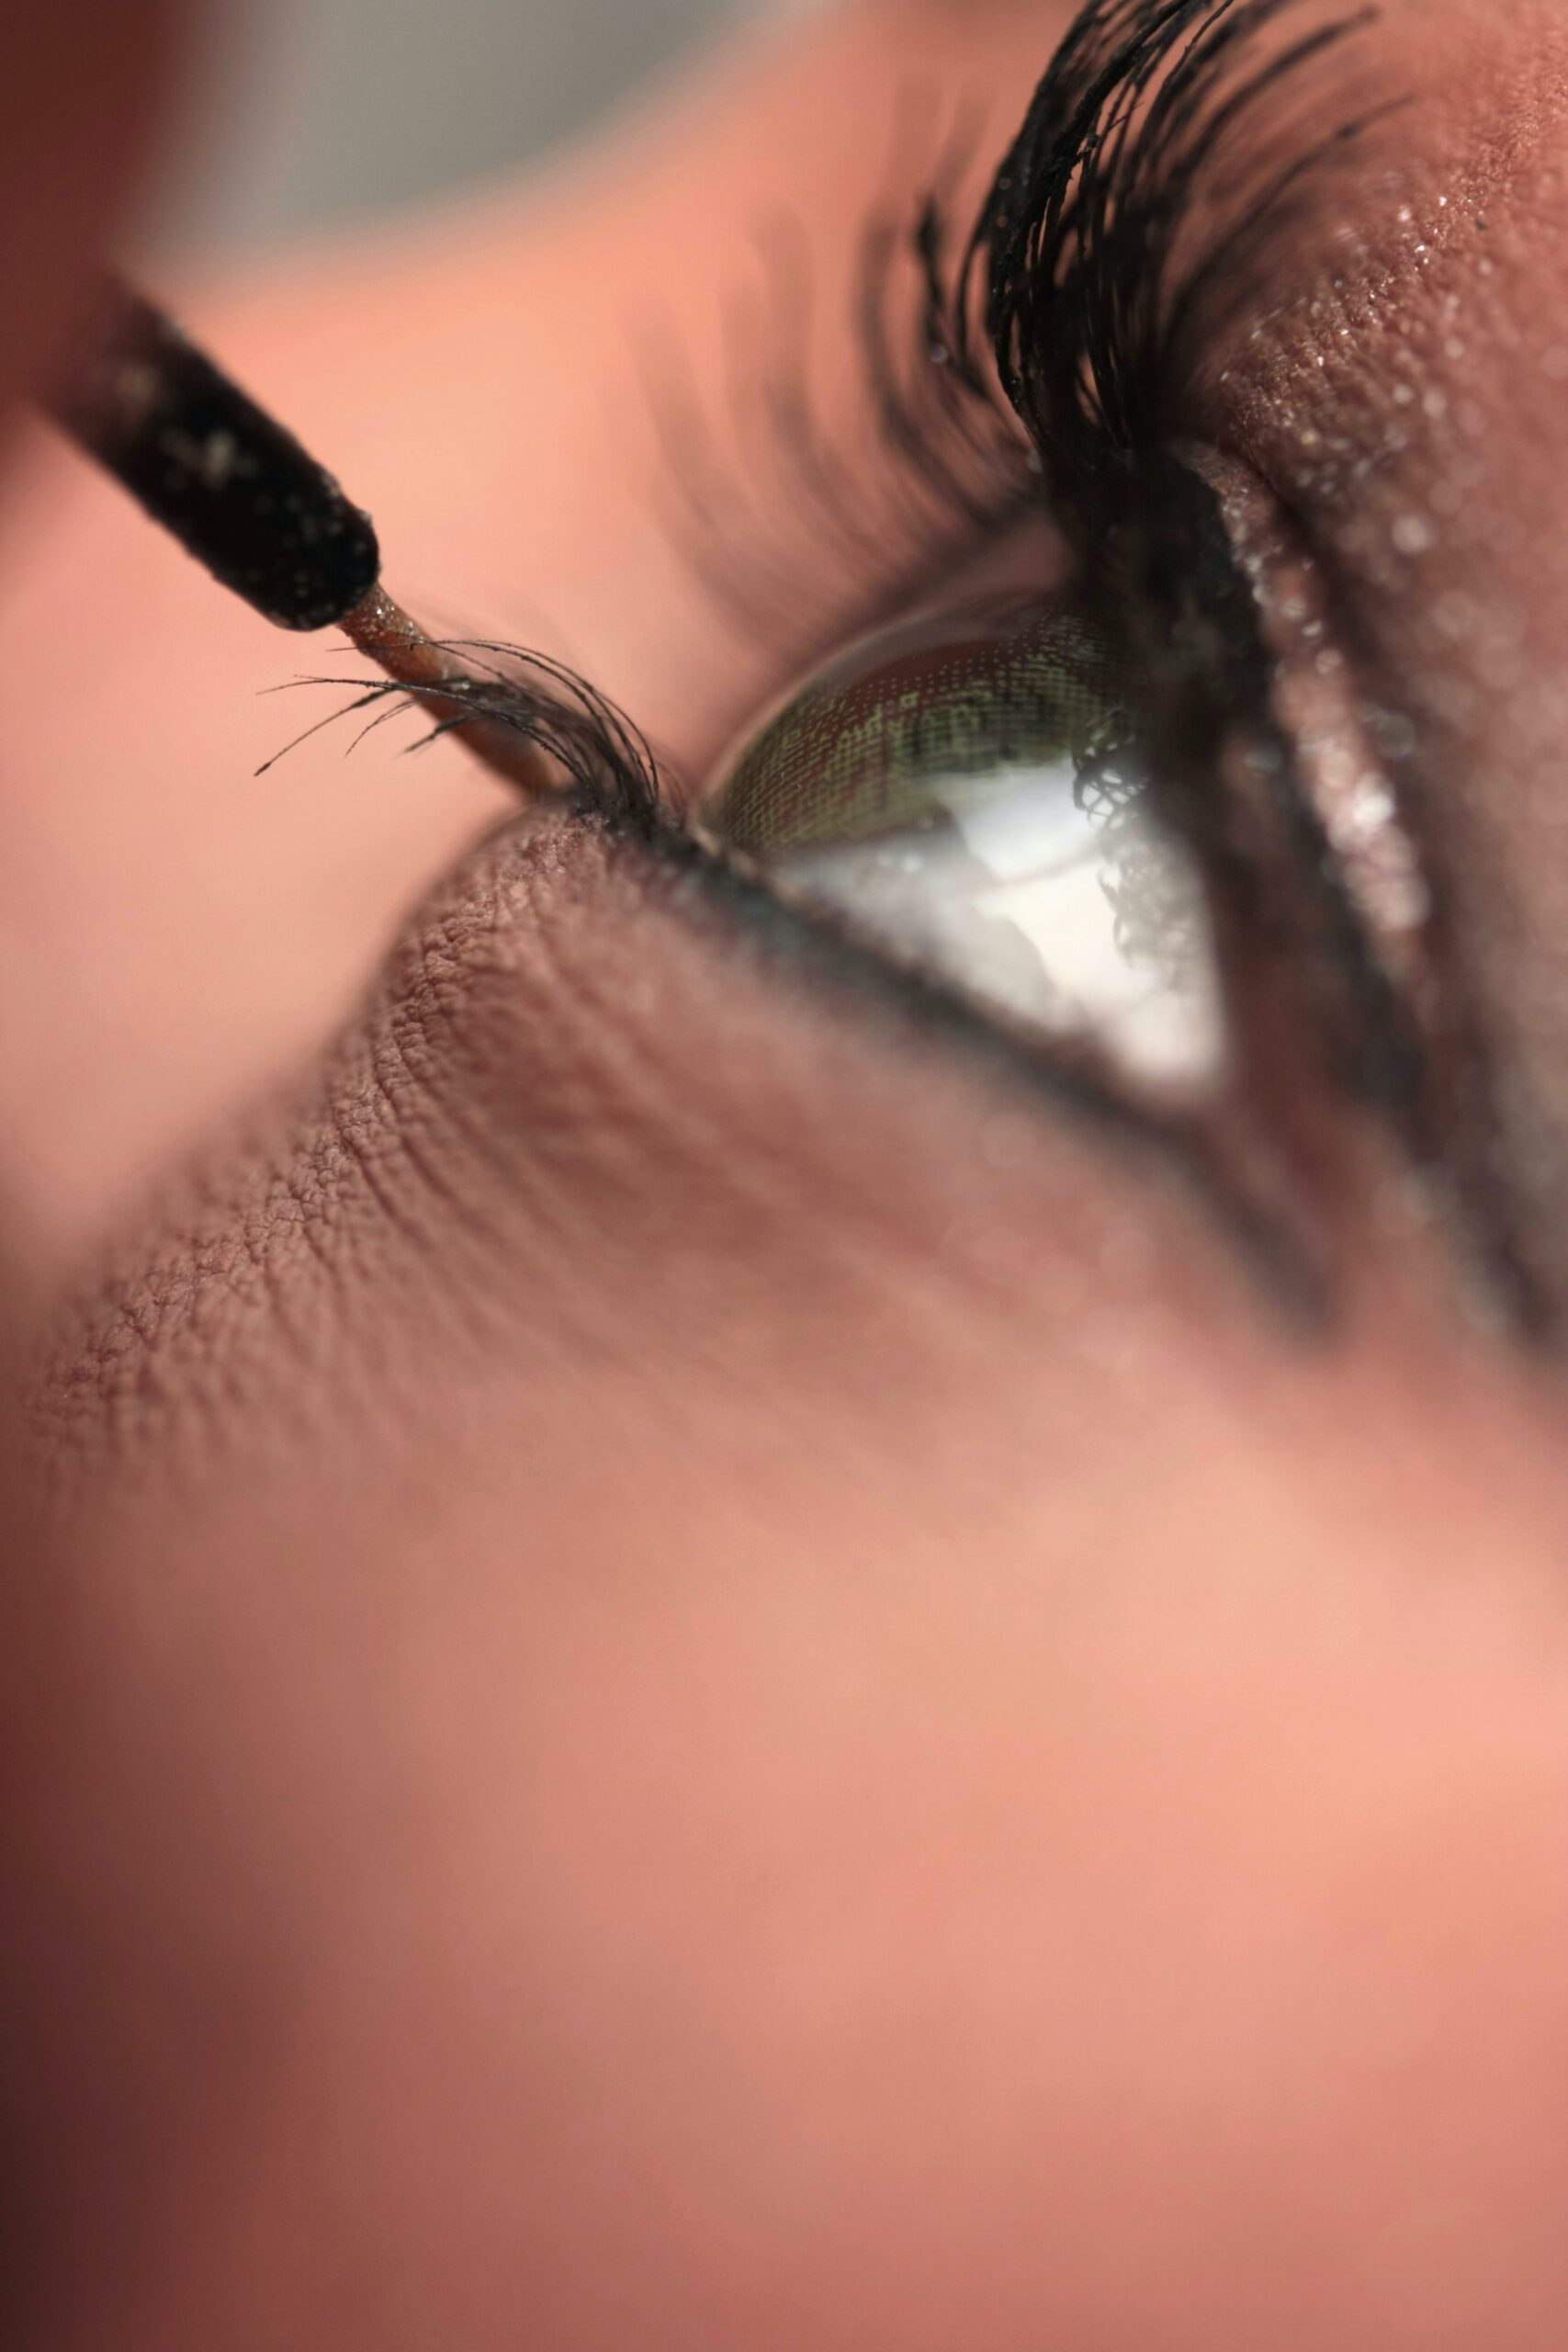 kako izvaditi trepavicu iz oka